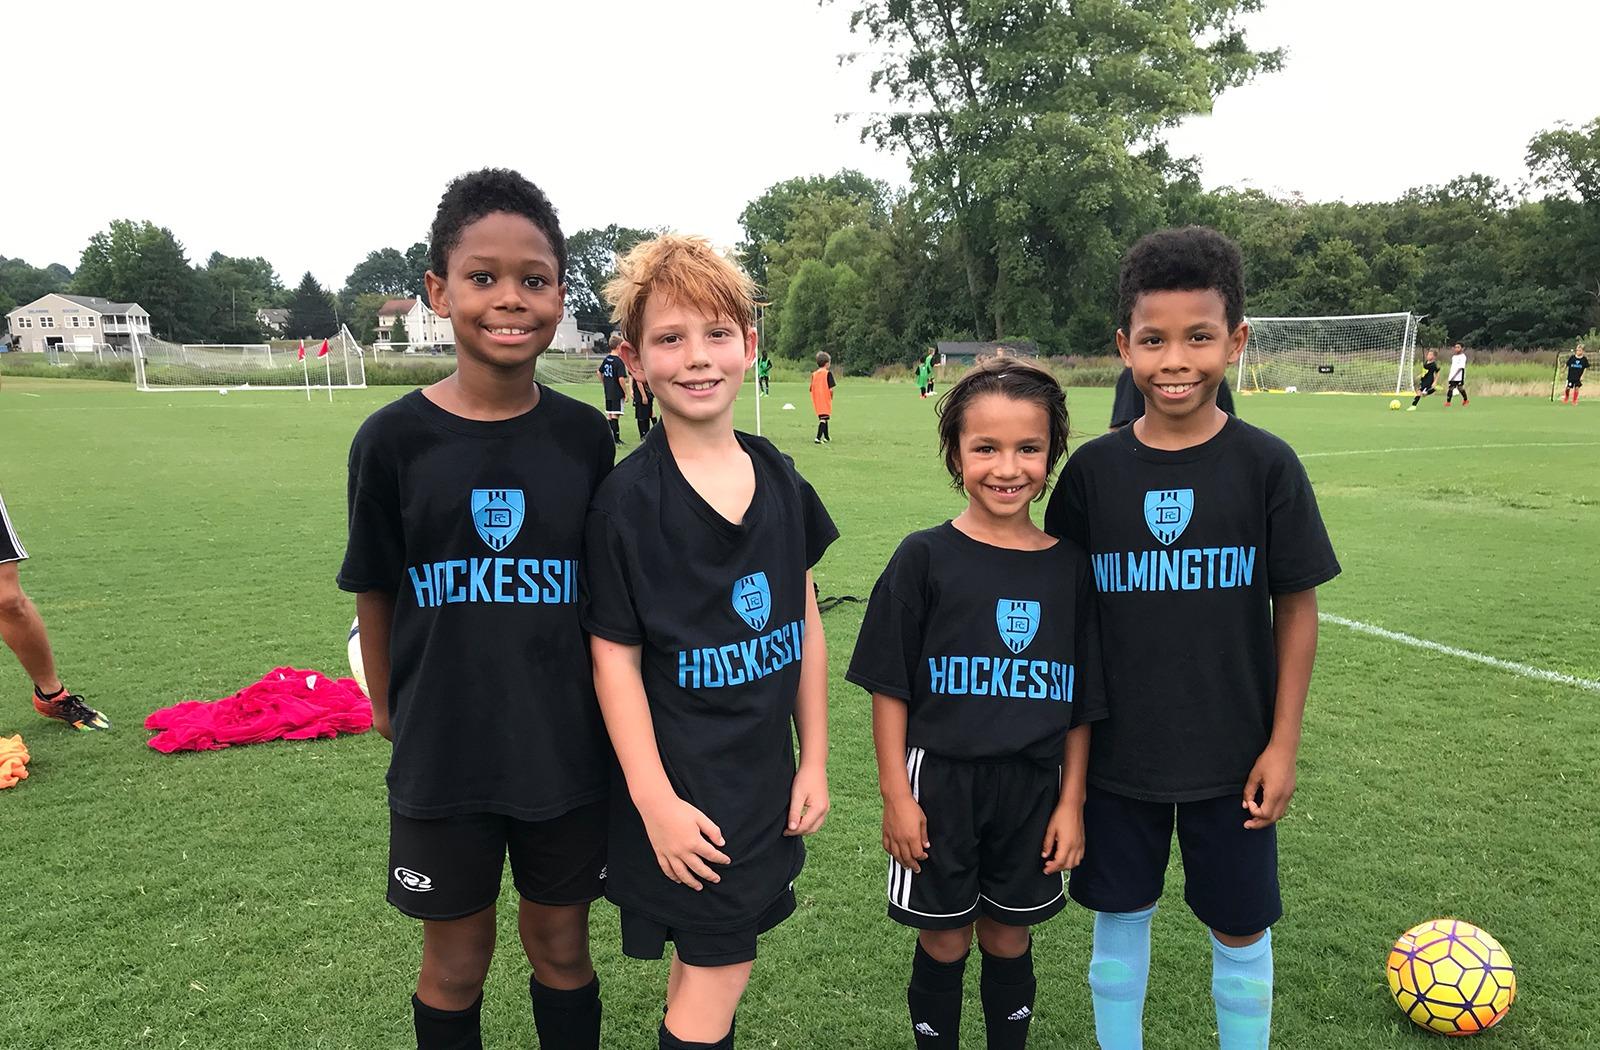 Delaware FC Wilmington & Hockessin - Preseason Academy